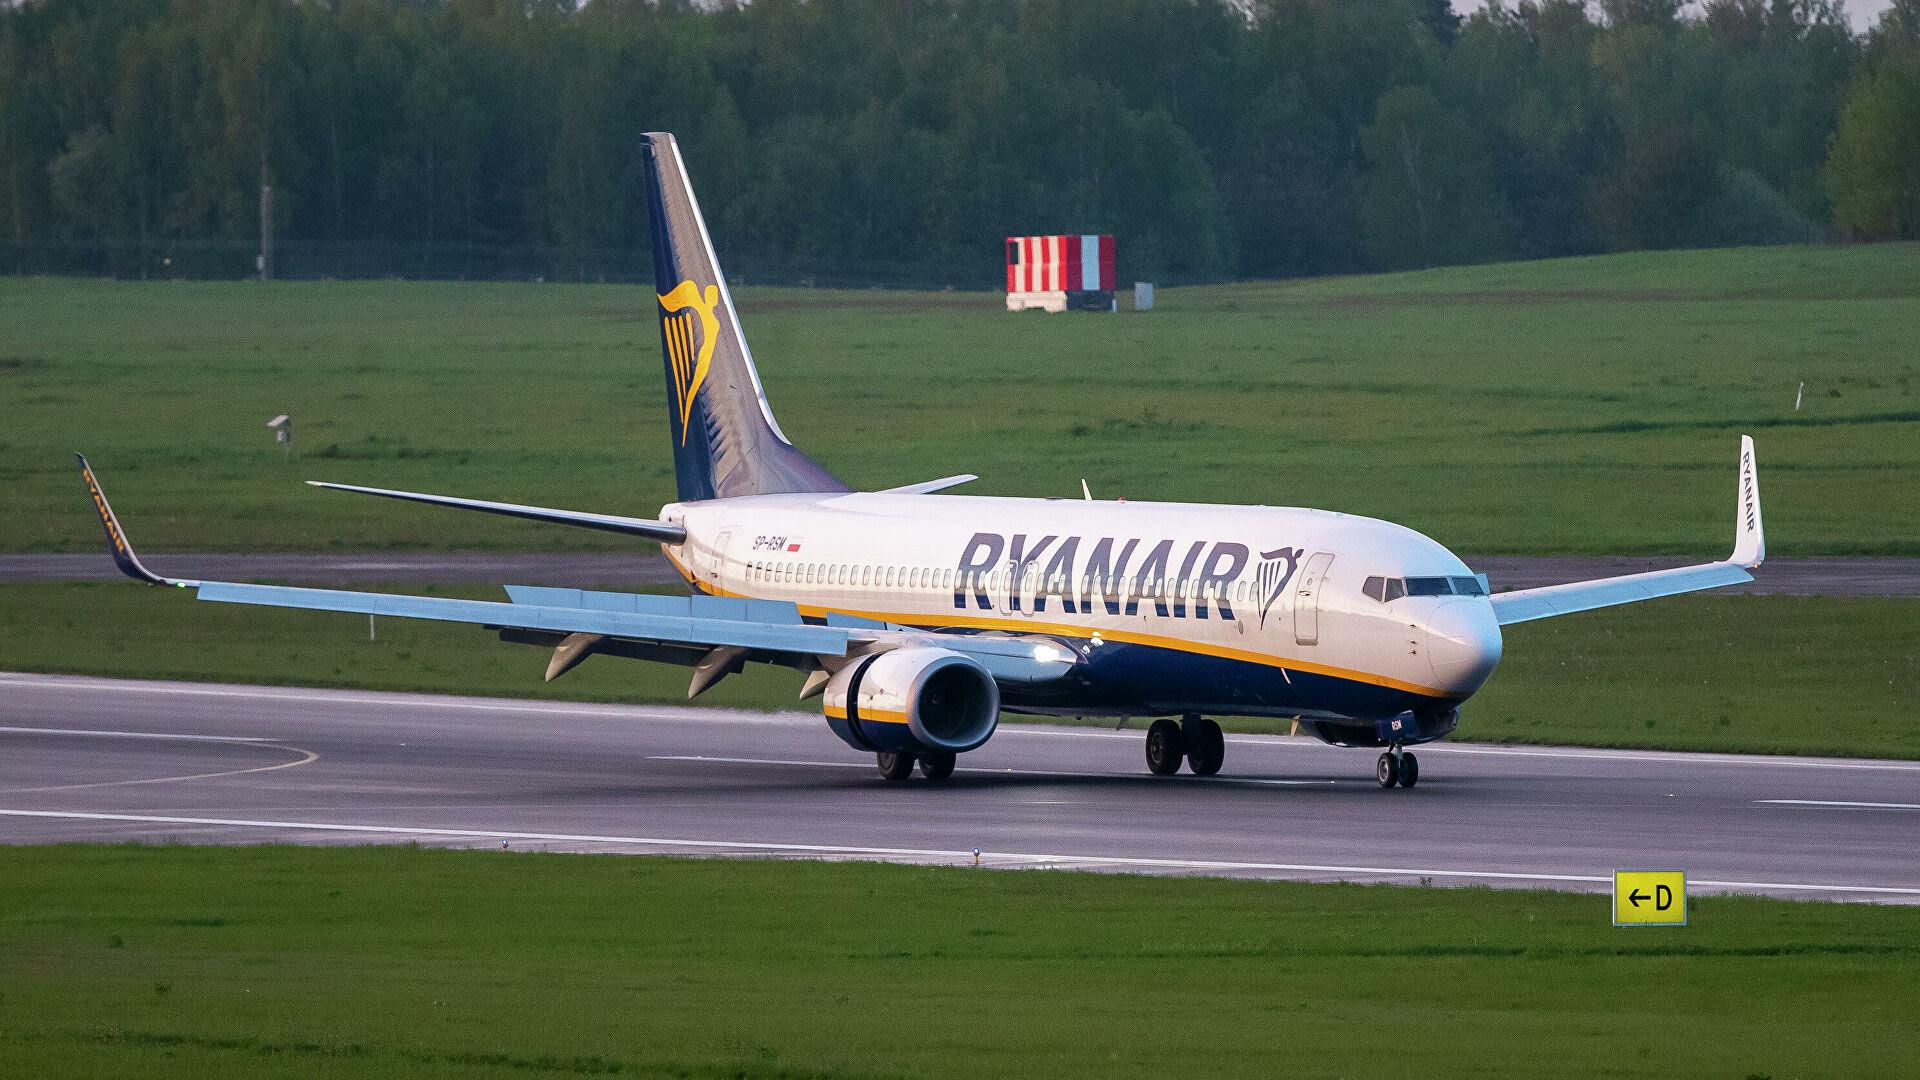 Провайдер рассказал, когда отправили письмо о бомбе на борту Ryanair